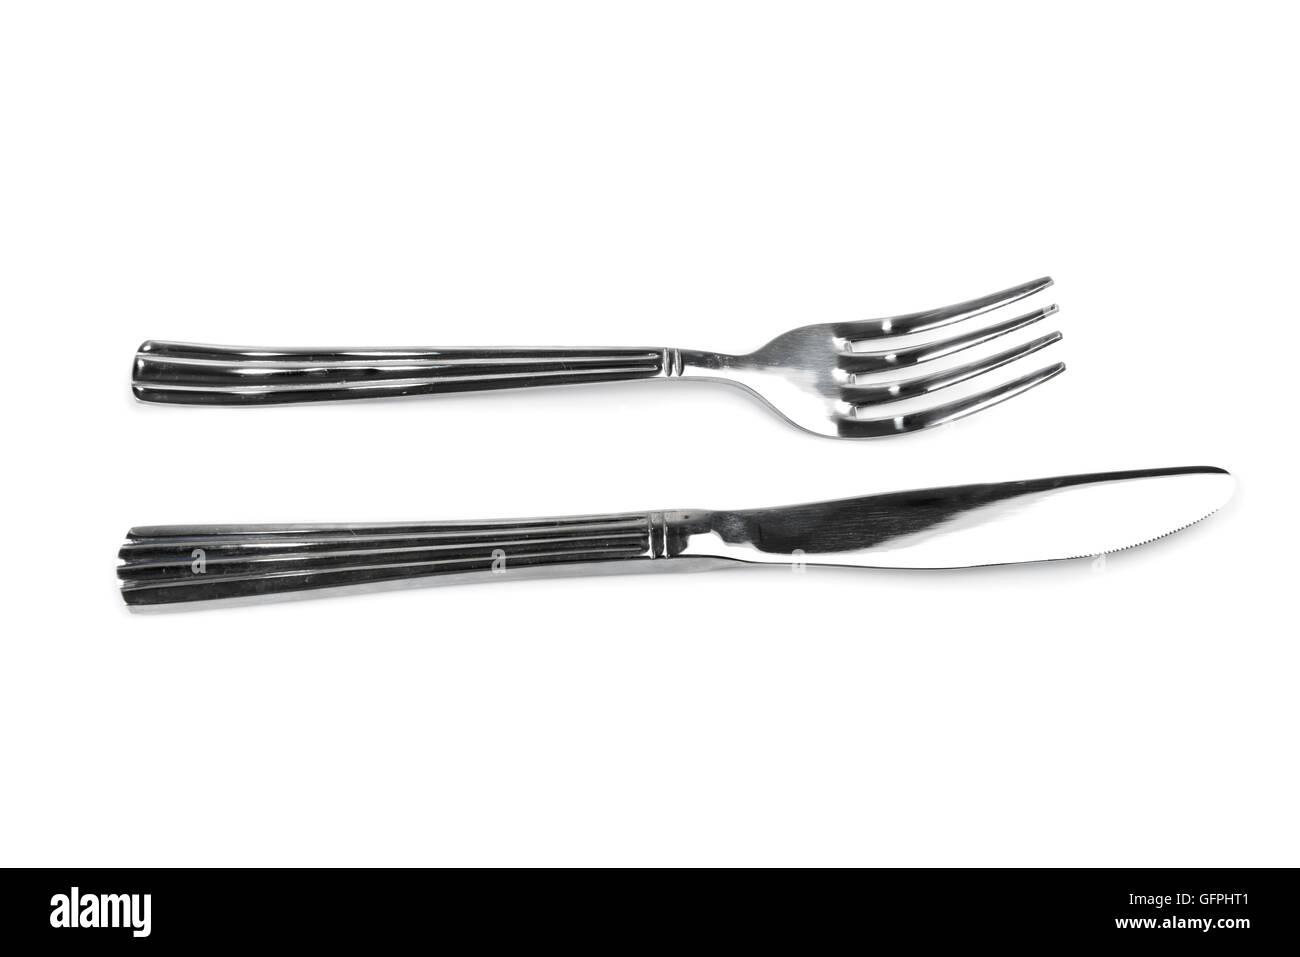 Couteau et fourchette de table isolé sur fond blanc Photo Stock